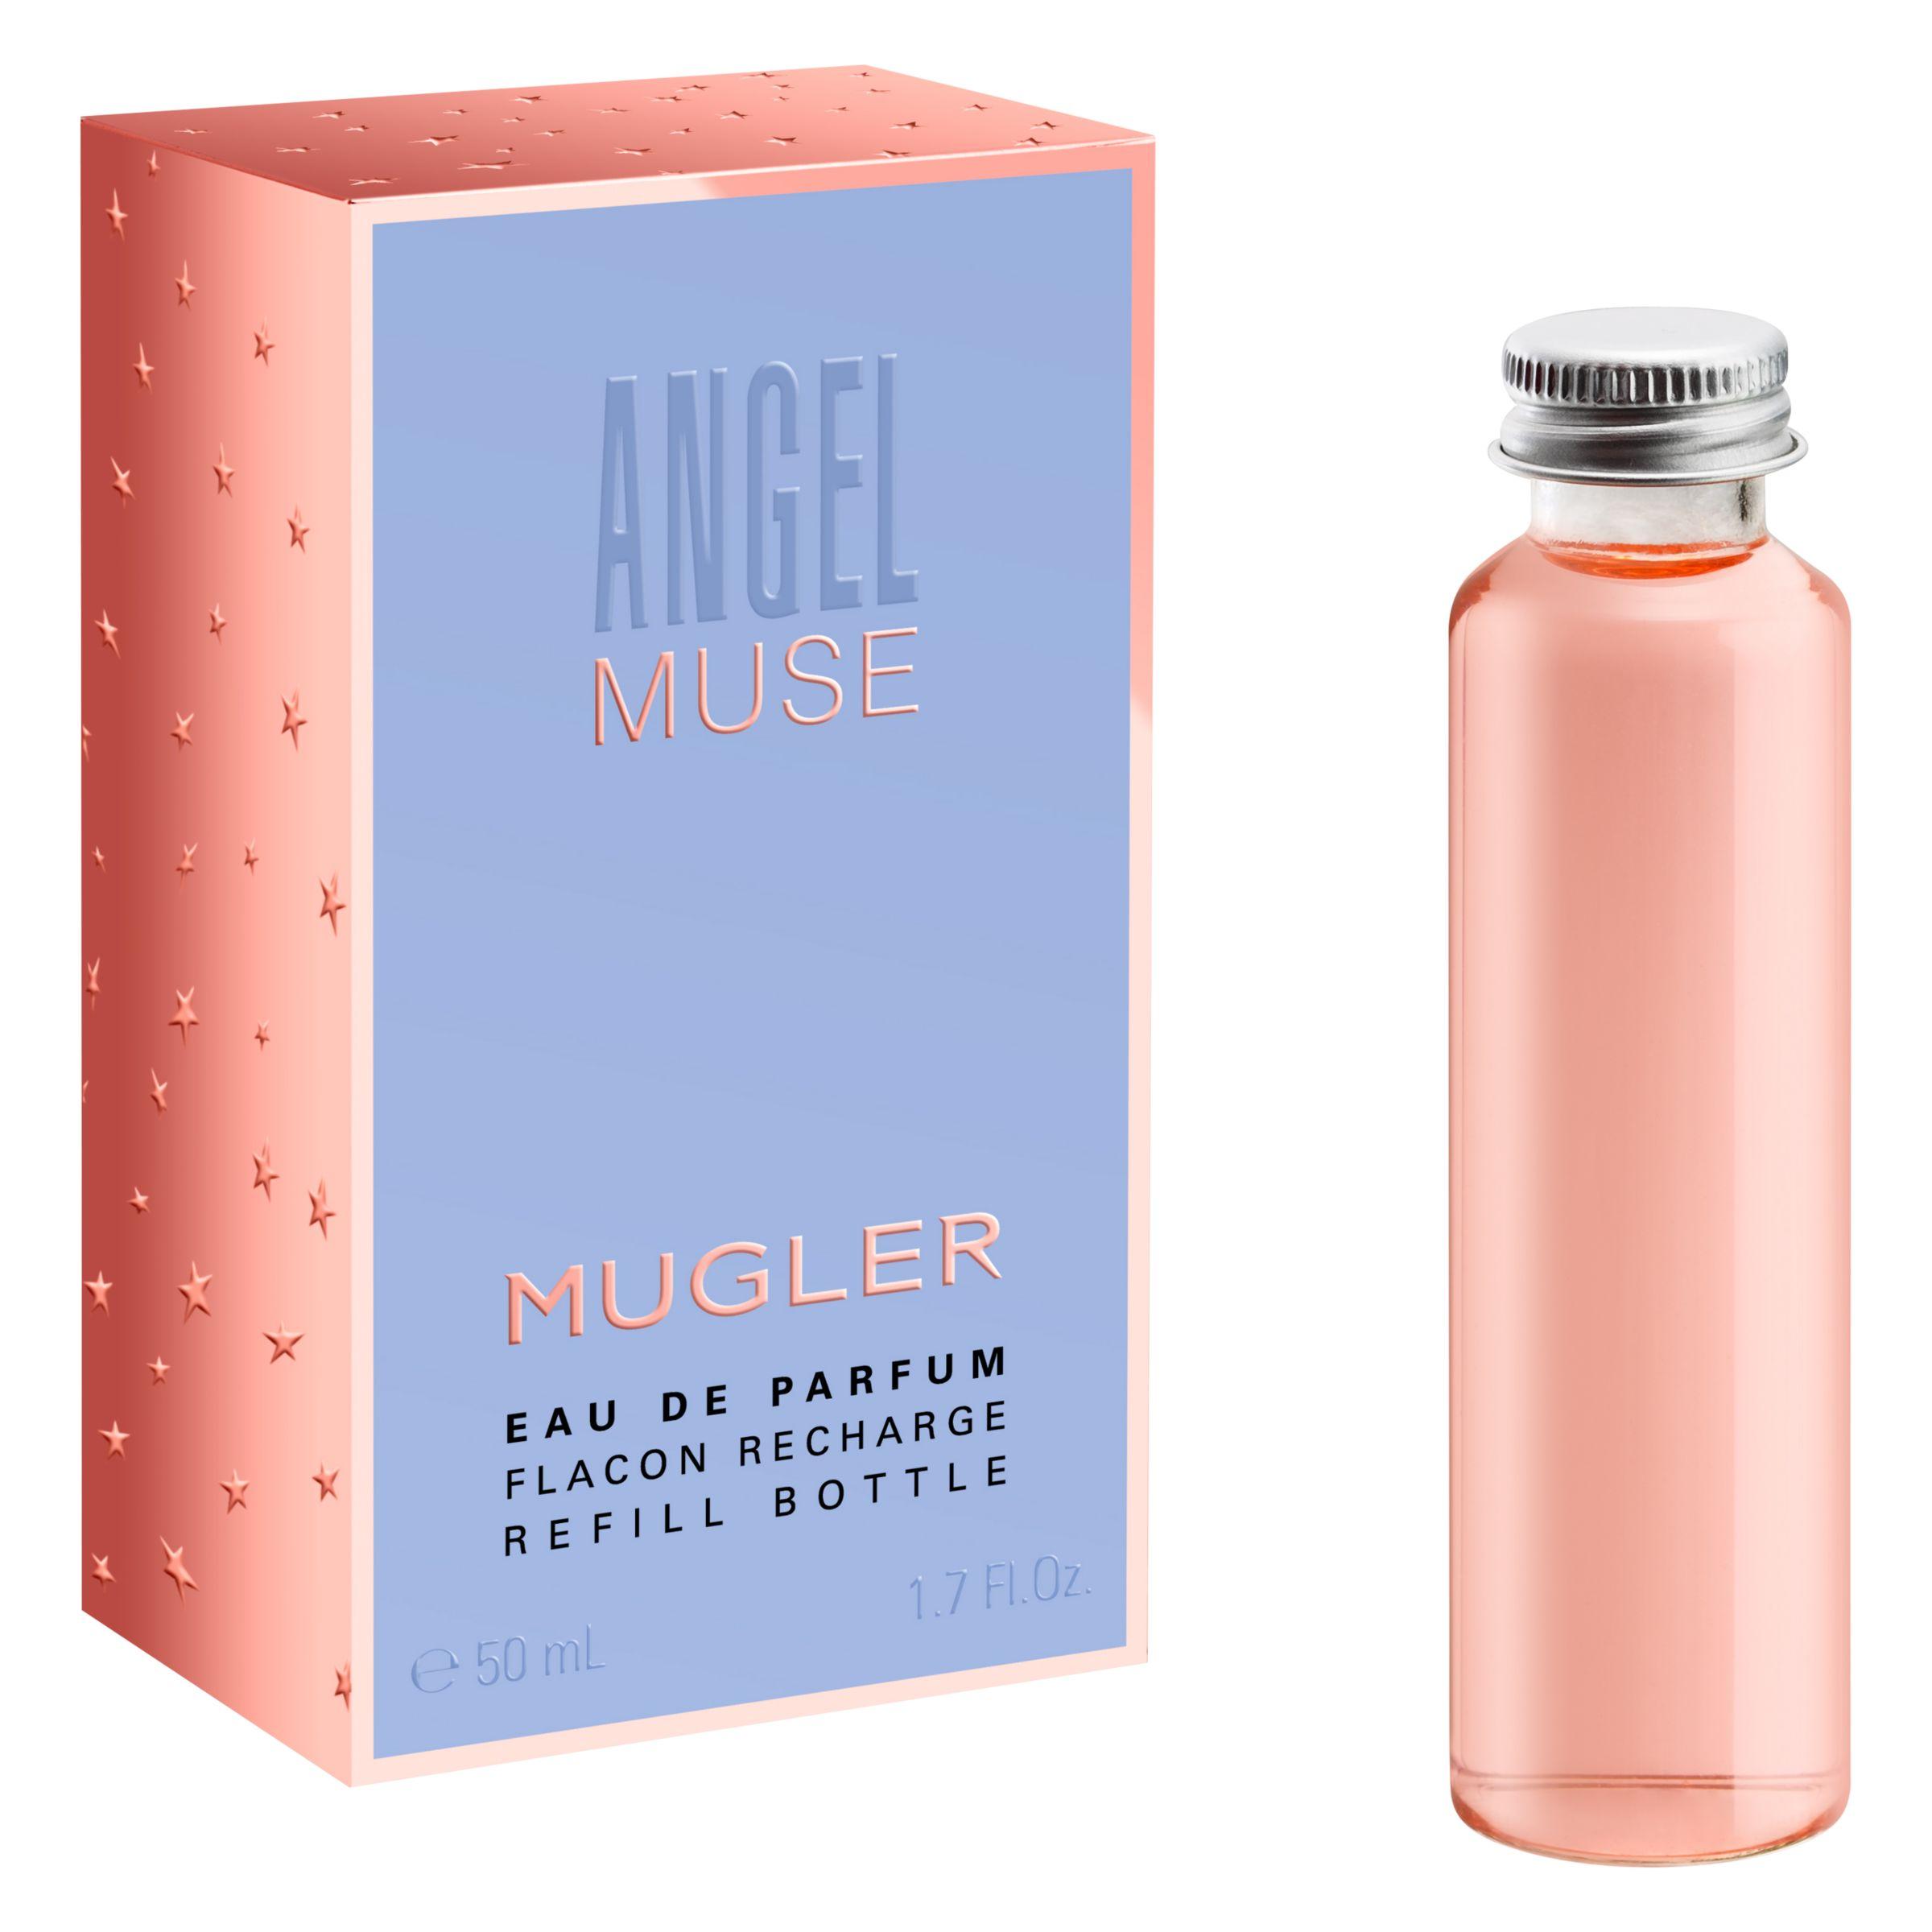 Mugler Mugler Angel Muse Eau de Parfum Refill Bottle, 50ml